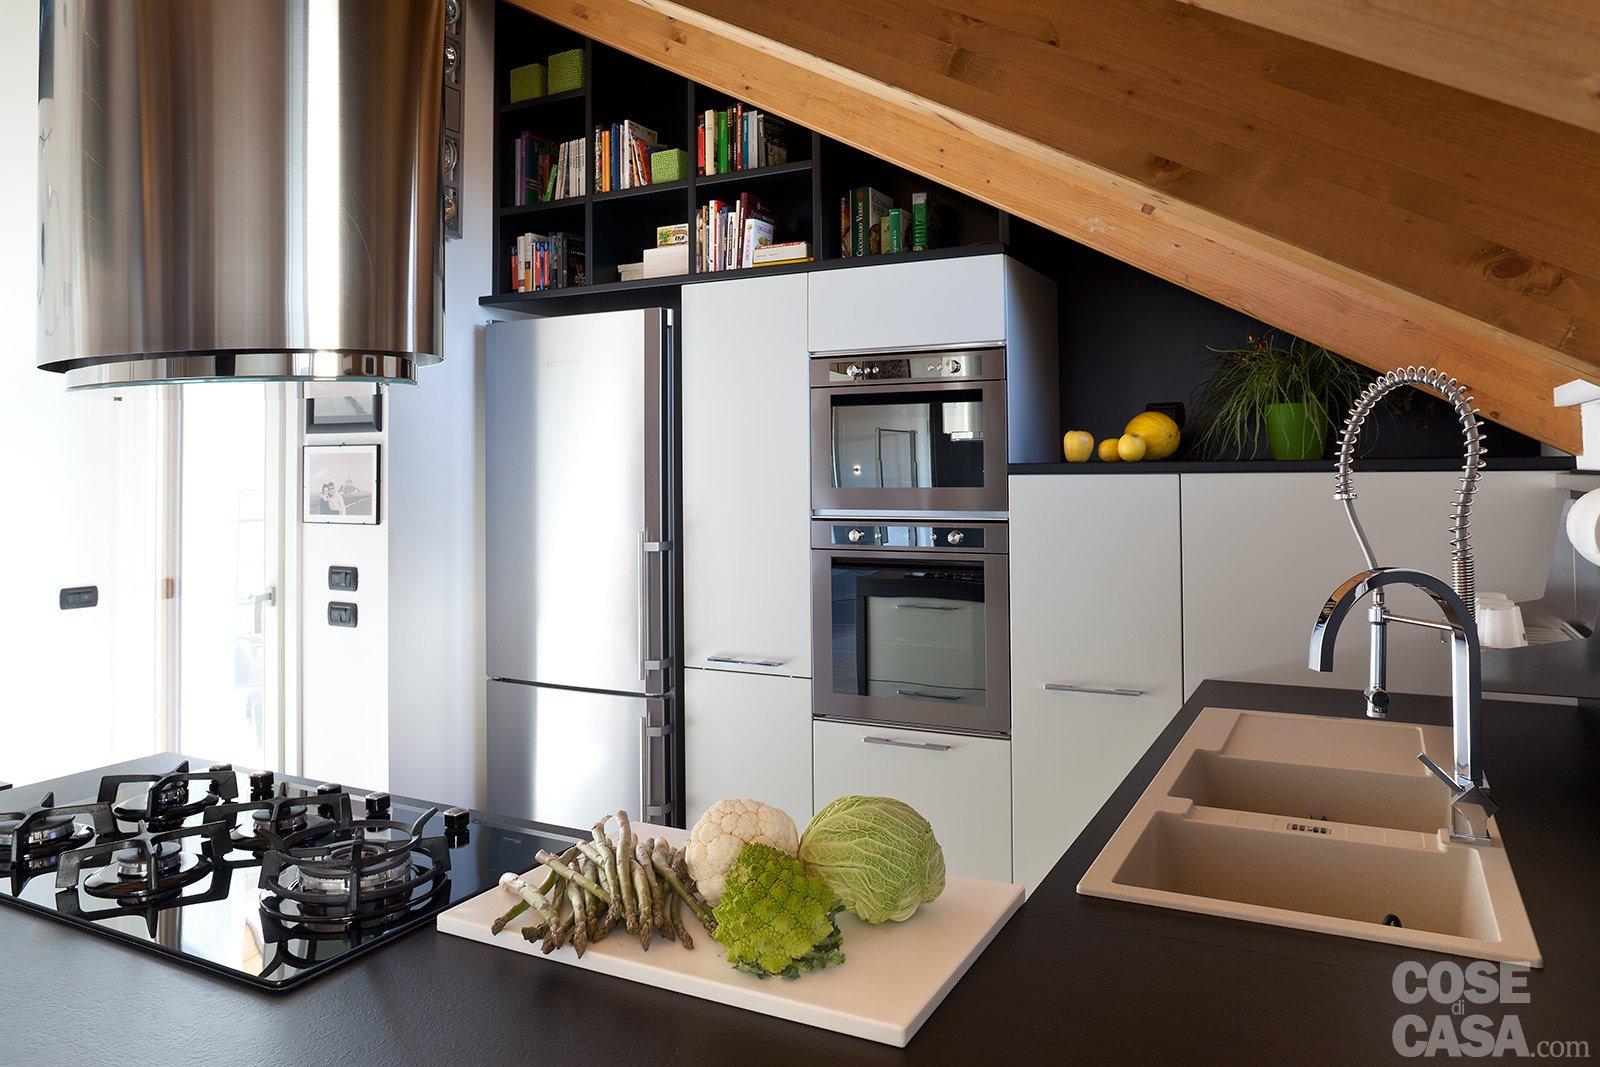 Casabook immobiliare 90 10 mq per una casa che sfrutta for Programma per arredare cucina